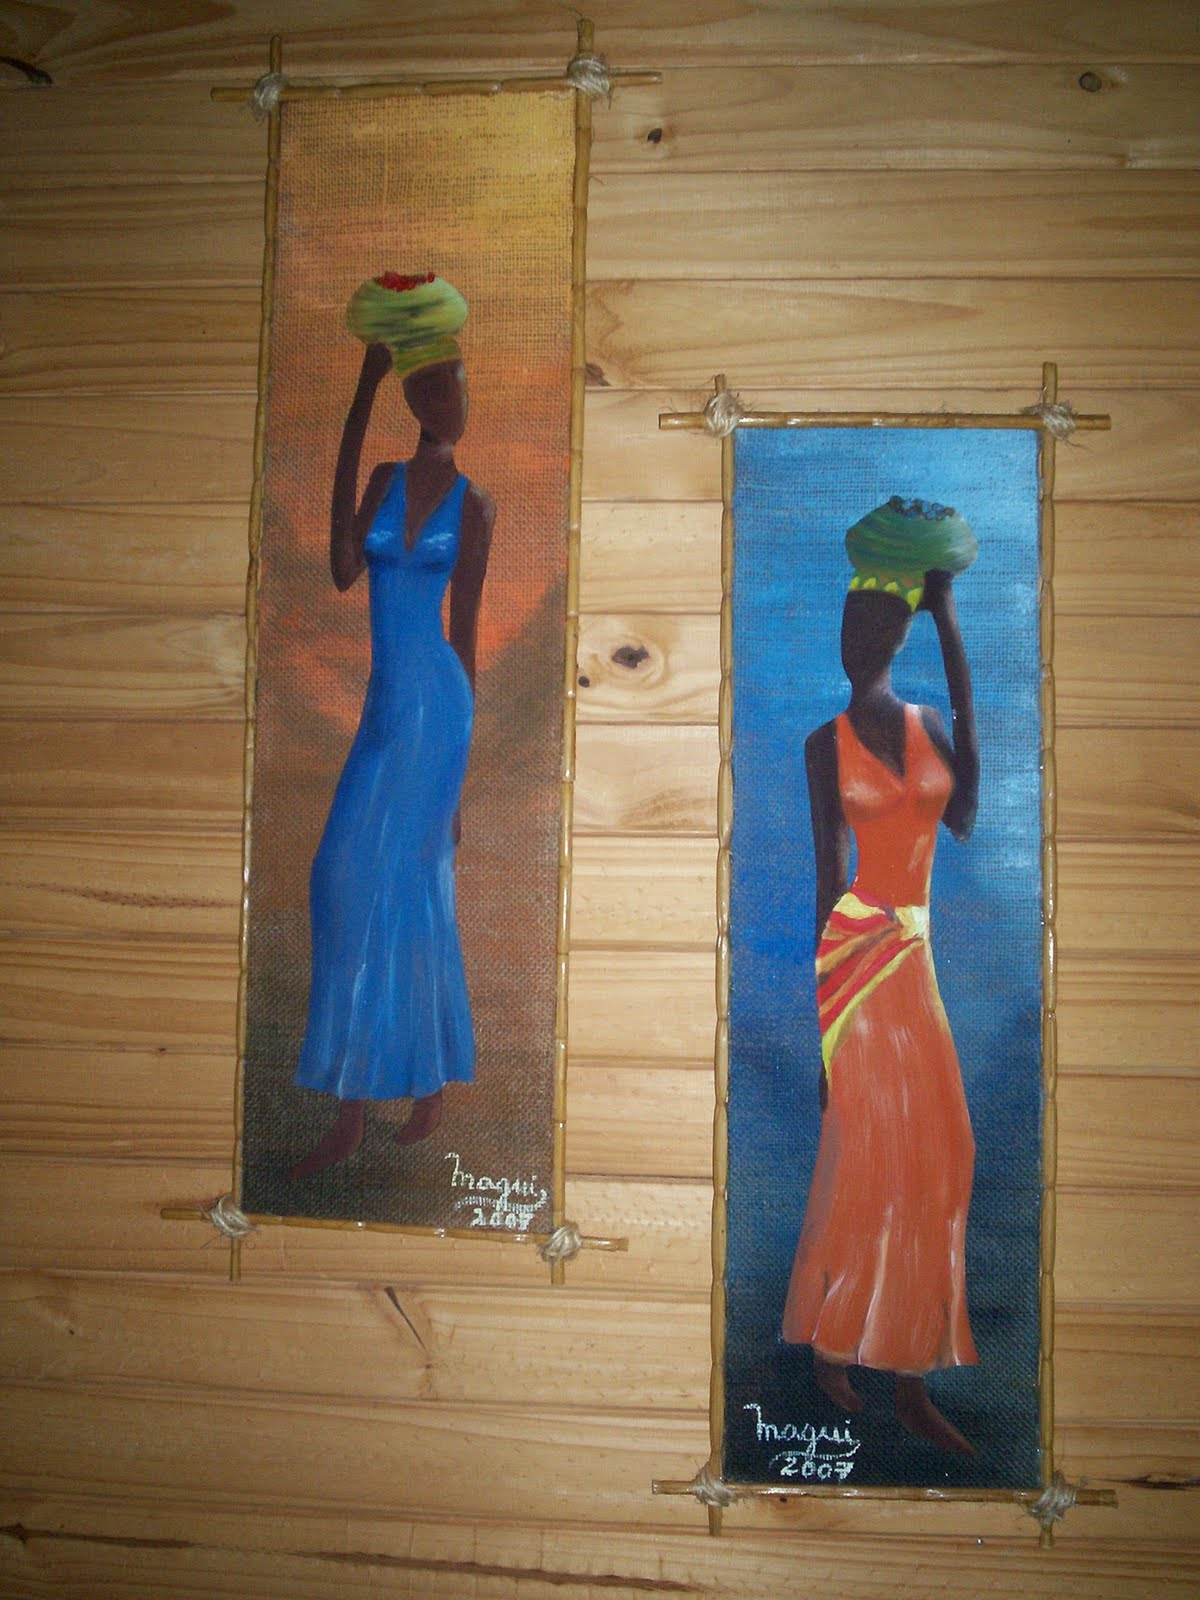 Magui artesan as cuadros r sticos de africanas for Imagenes de cuadros abstractos rusticos